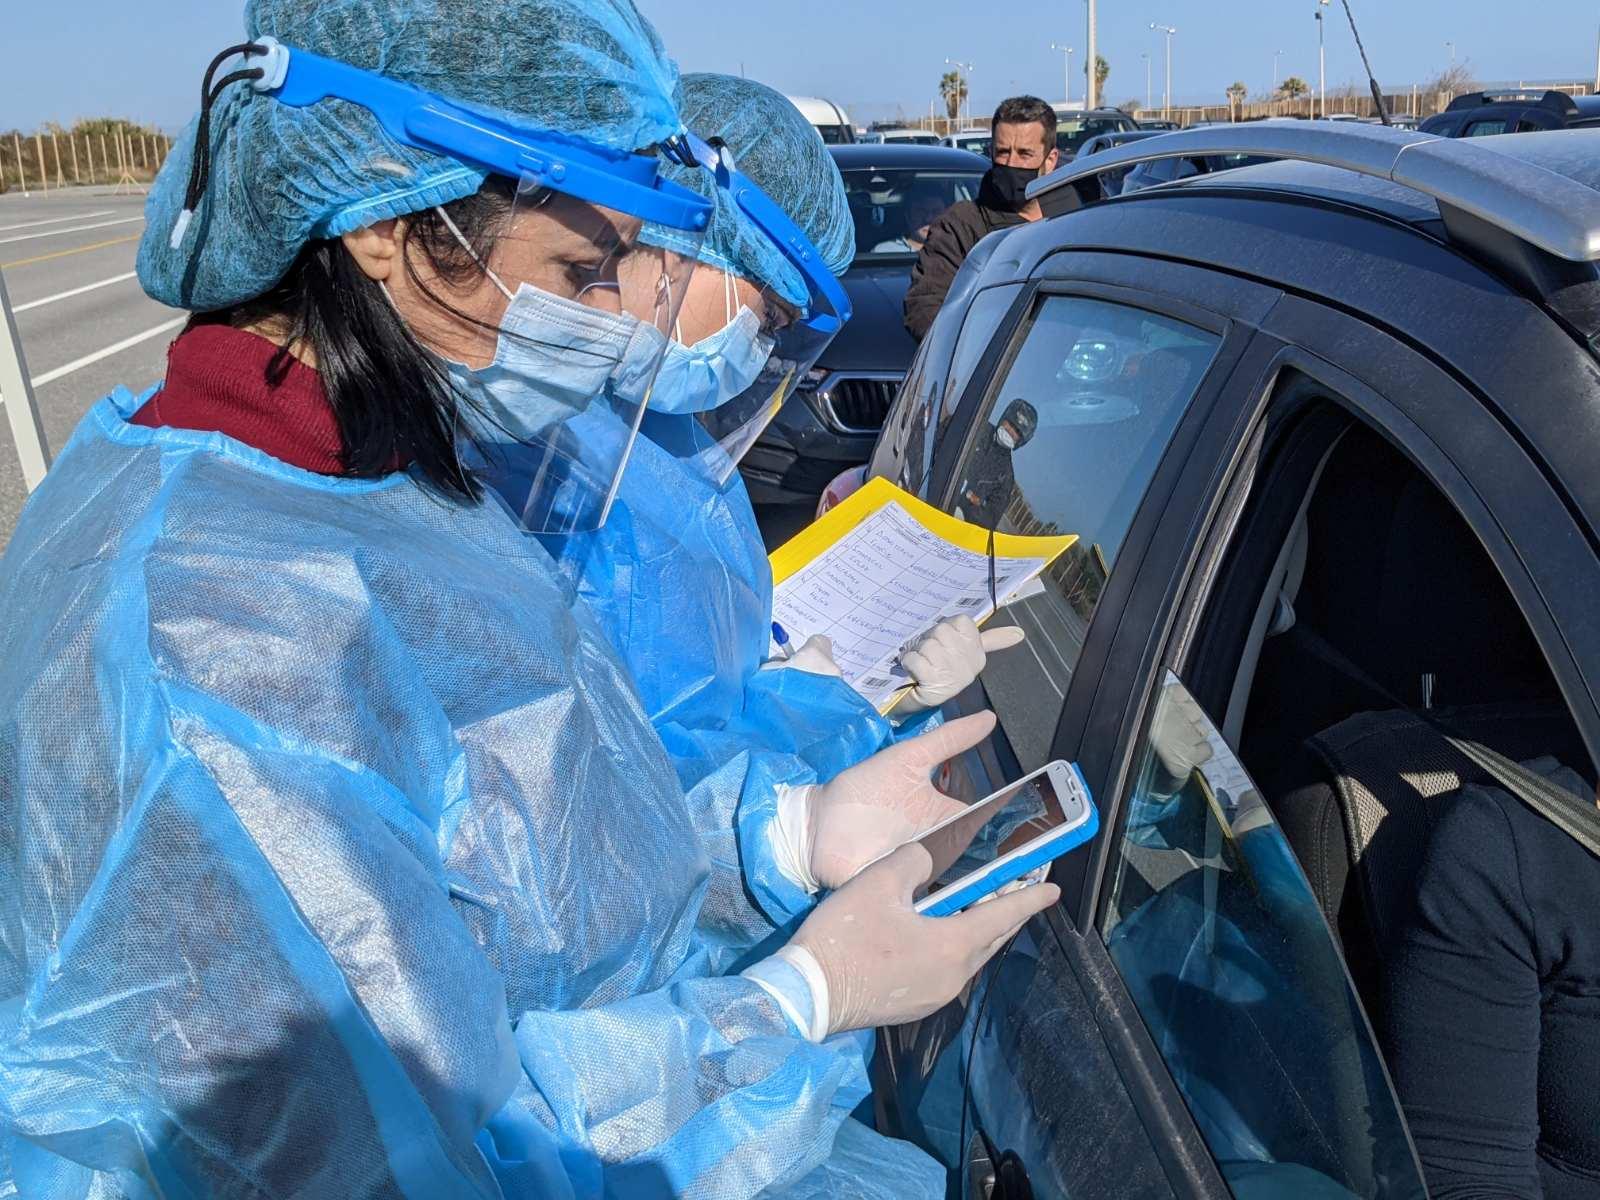 Αισιοδοξία στο Ηράκλειο από τα rapid test: Μόνο ένα θετικό στα εκατοντάδες  δείγματα | Cretapost.gr